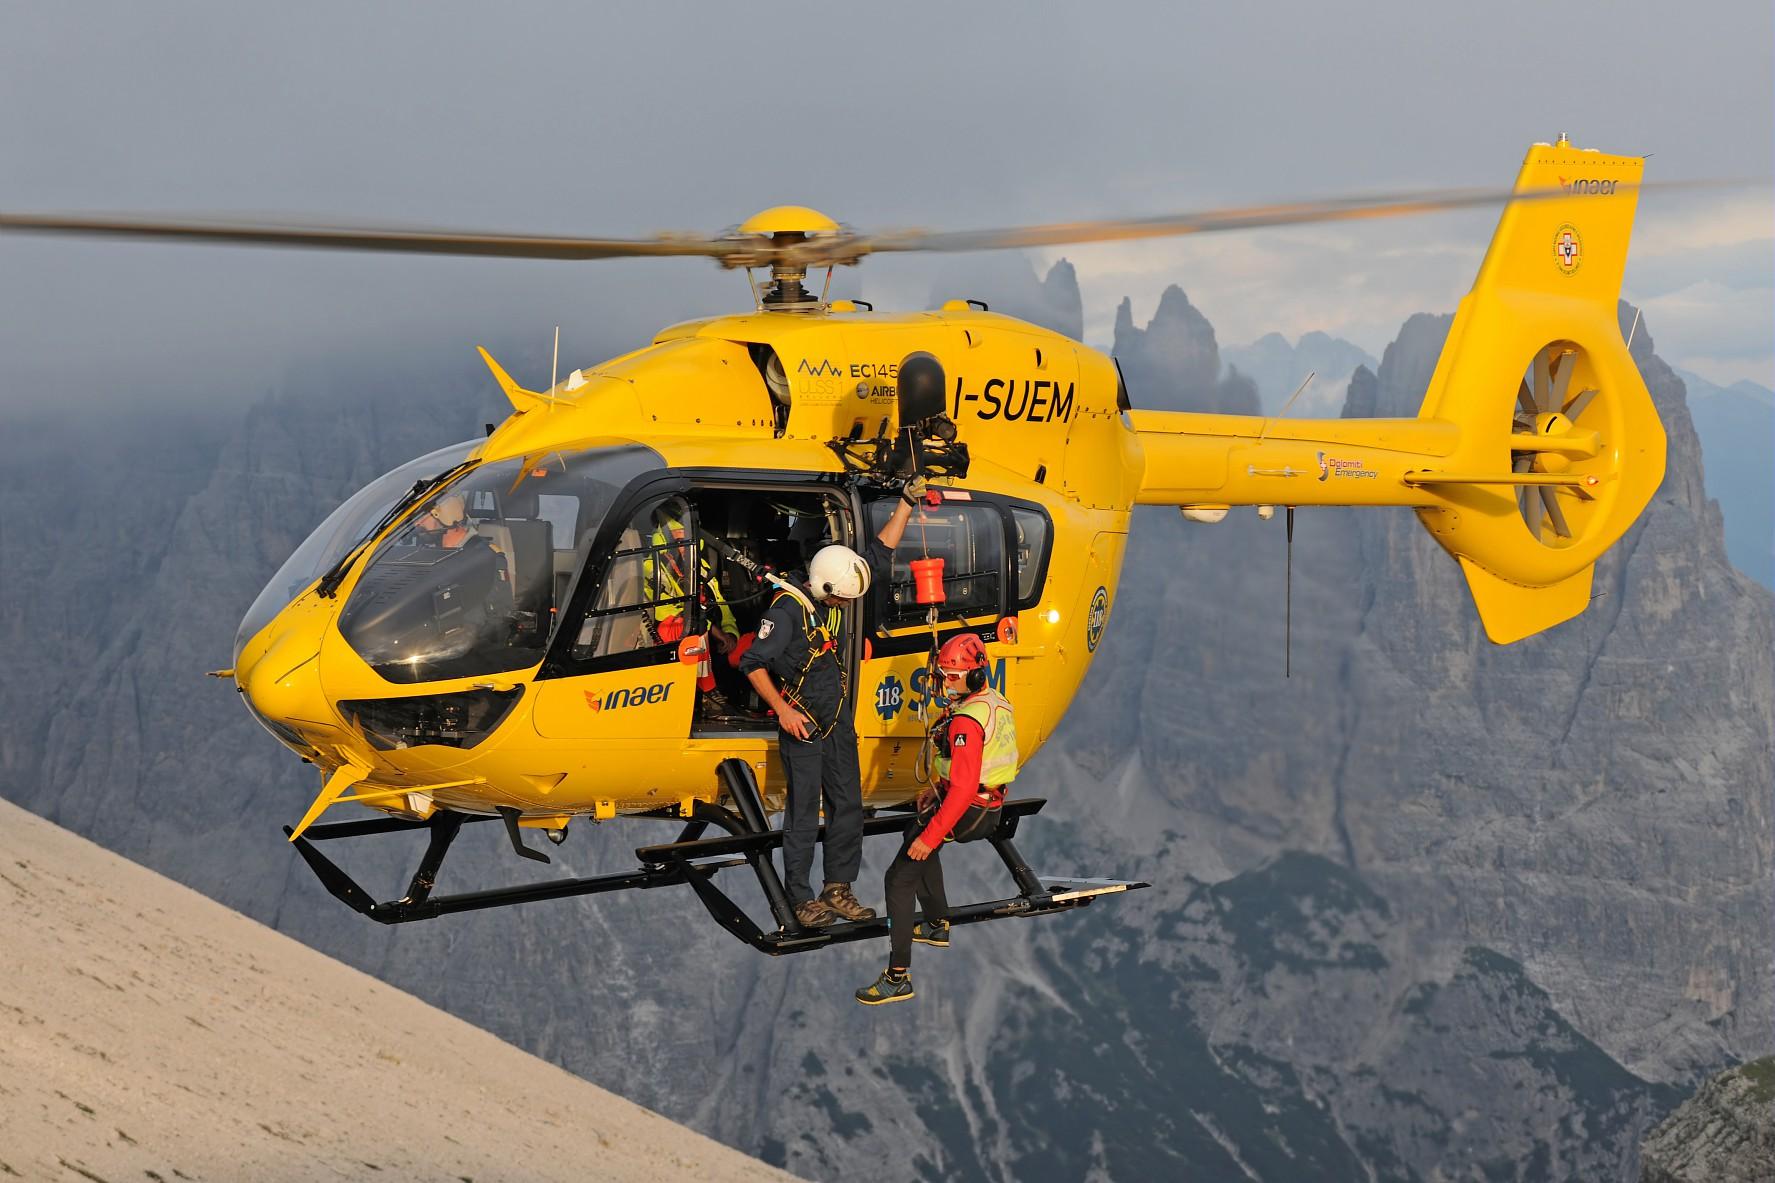 H145, il punto di riferimento dell'elisoccorso ha raggiunto le 10.000 ore di volo | Emergency Live 6